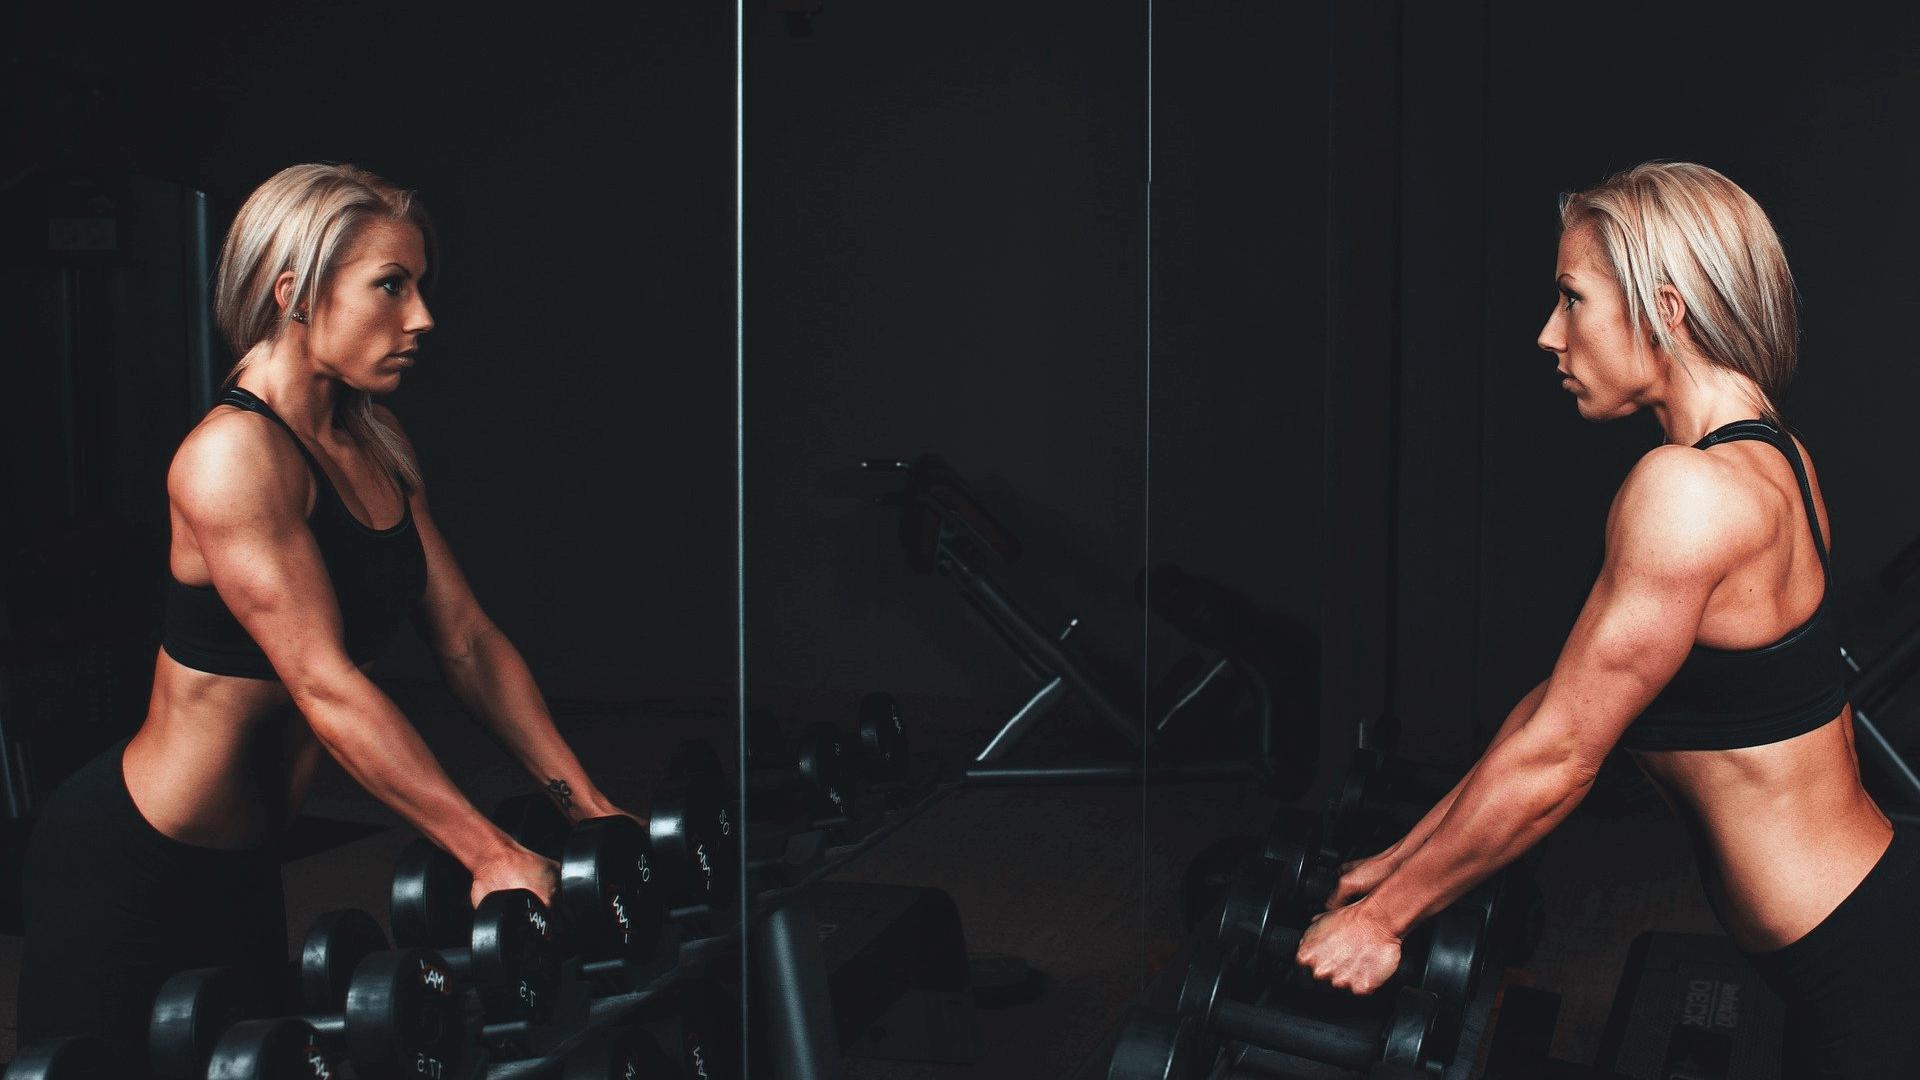 dyscypliny sportowe wspomagające odchudzanie